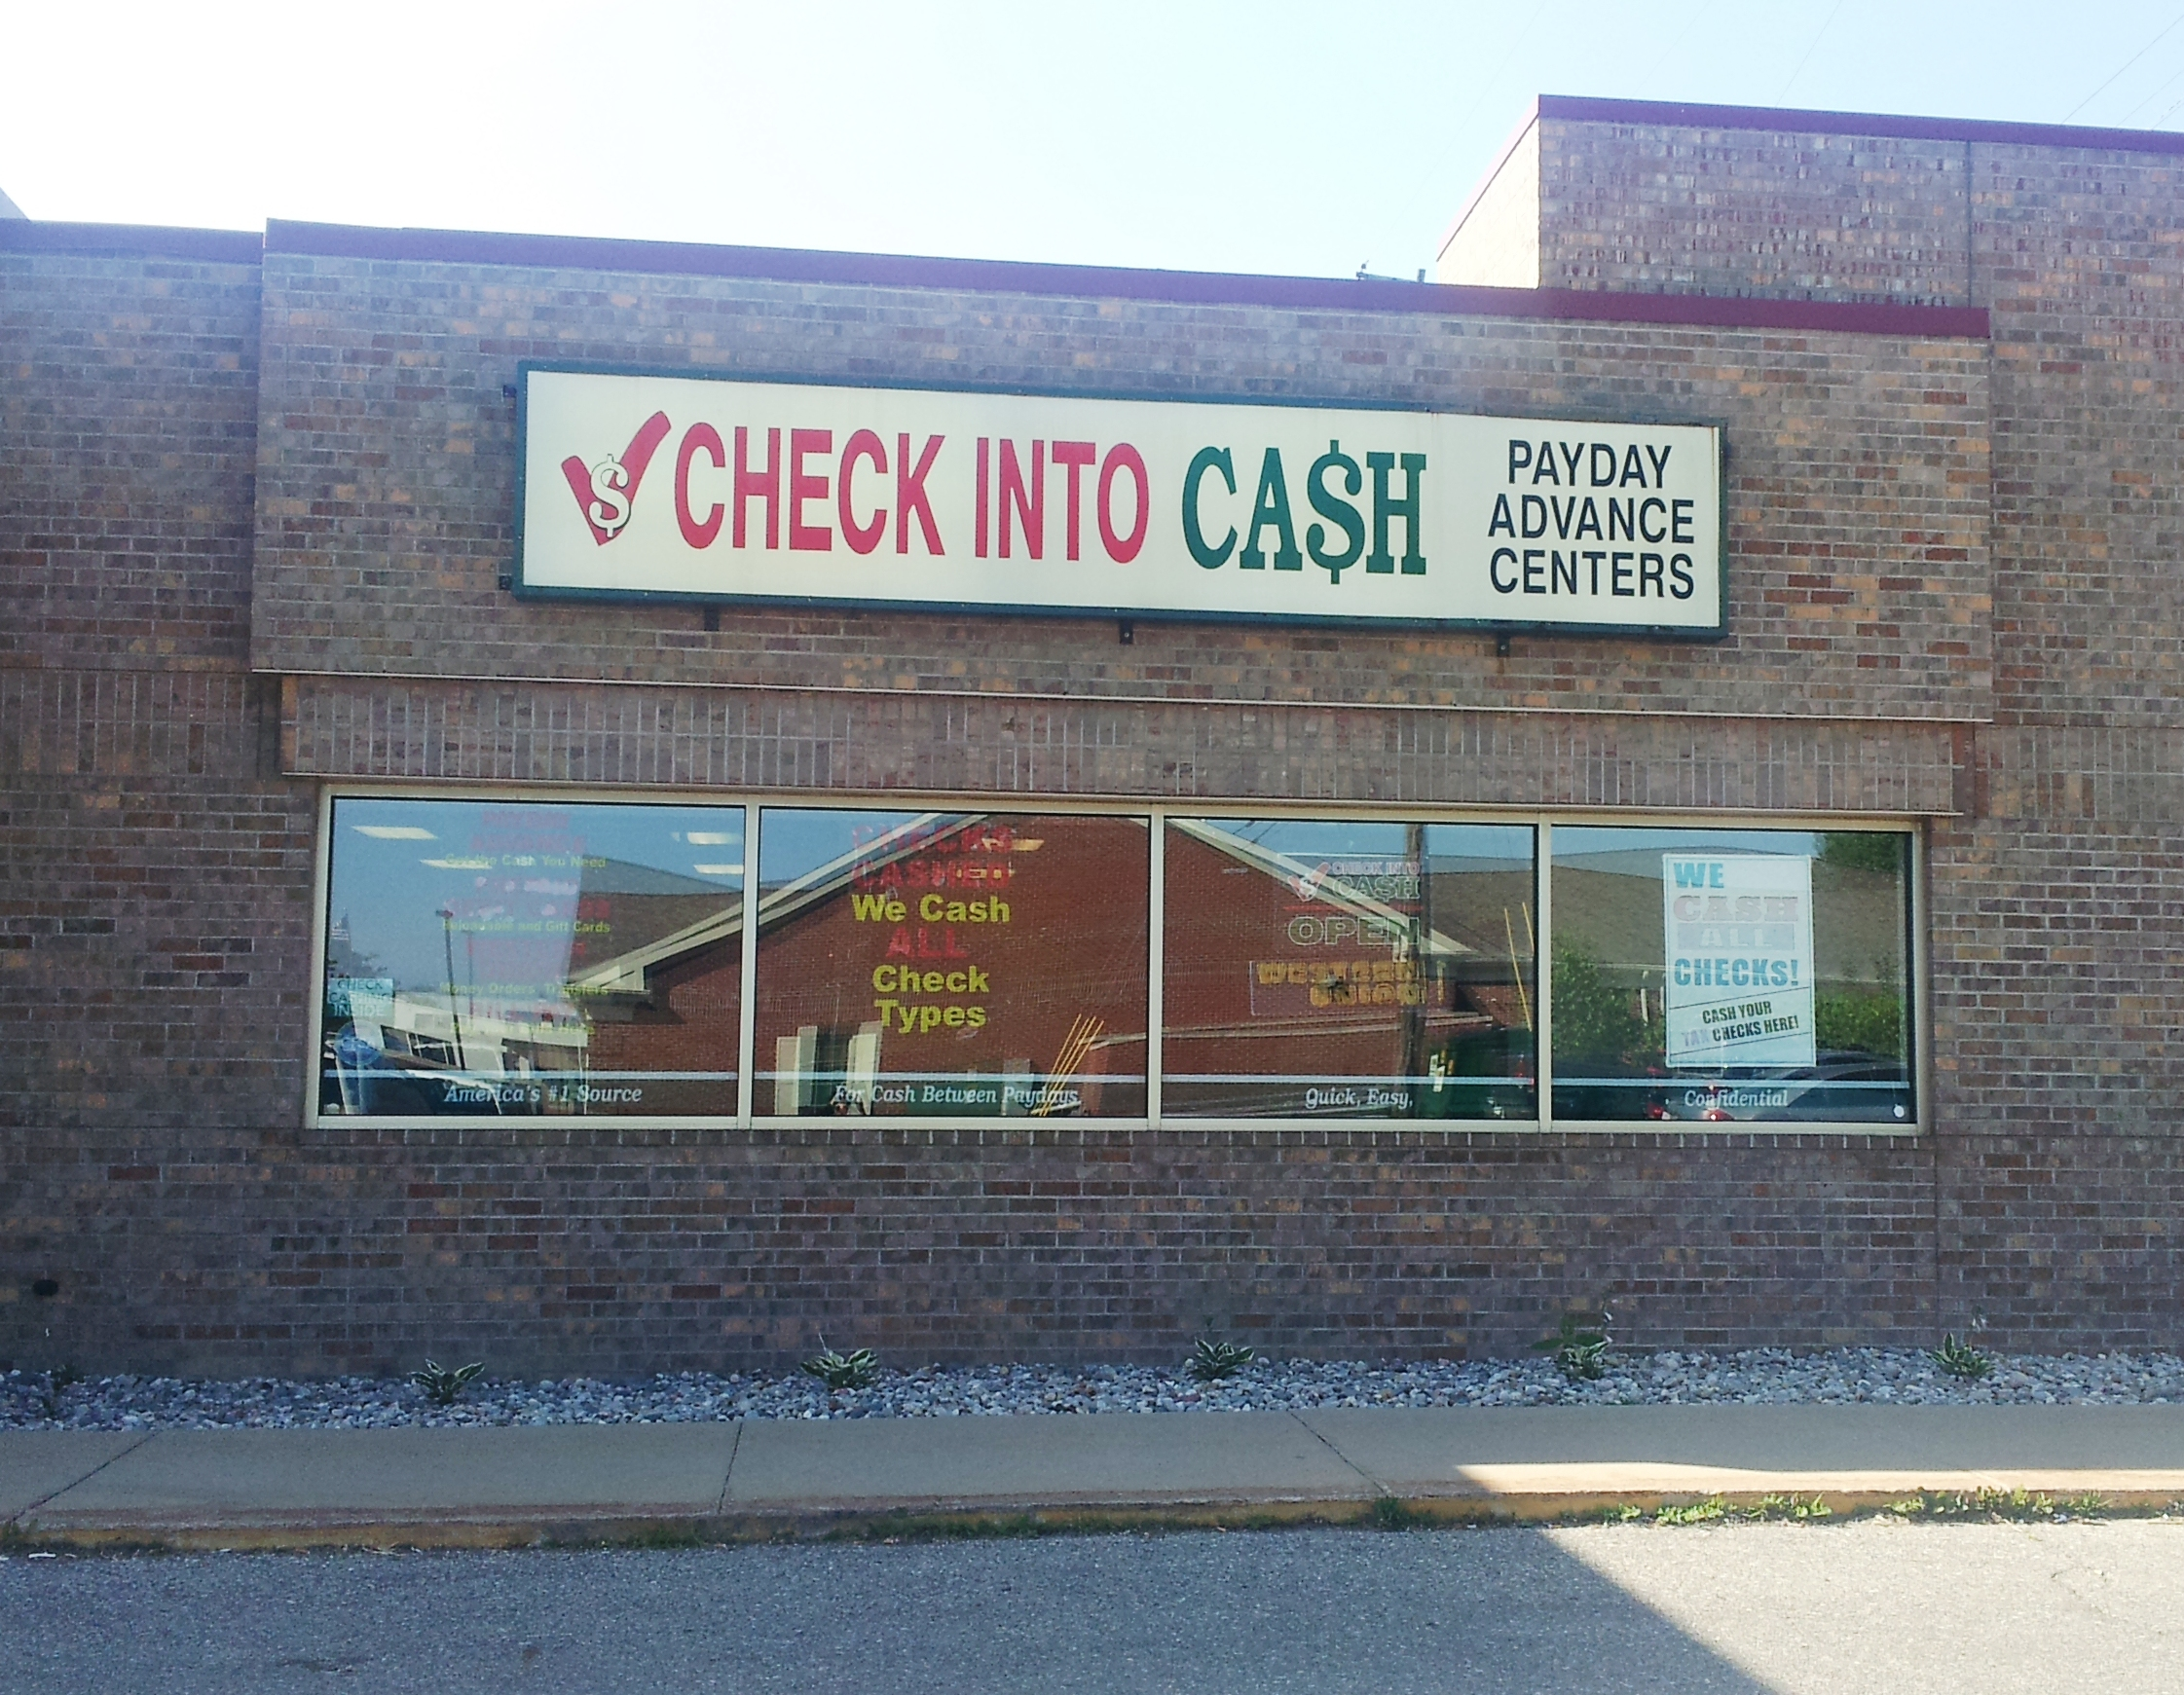 Cash advance in vero beach fl image 2